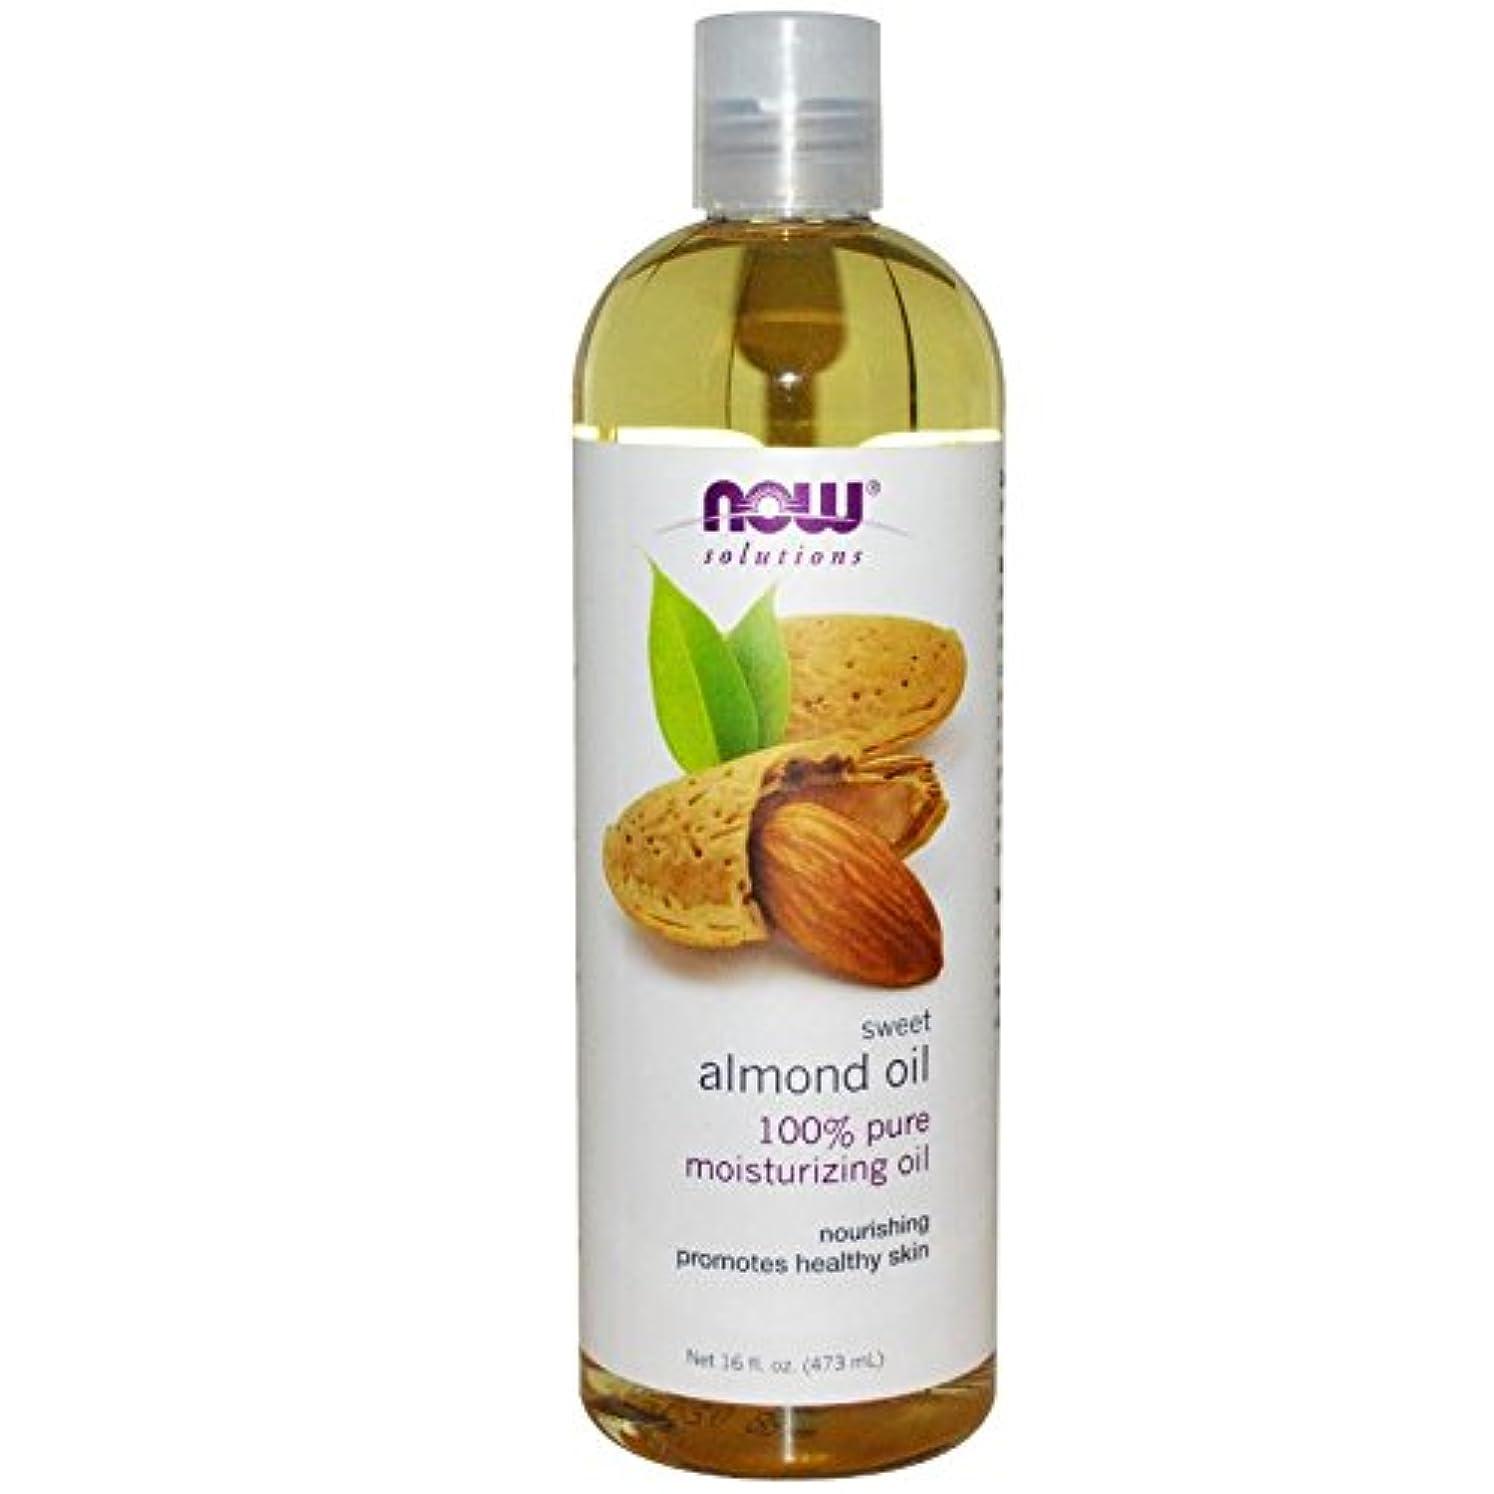 作曲家アレルギーオーストラリア【国内発送】 Now Solutions Sweet Almond Oil 16 oz. (473ml) [並行輸入品]